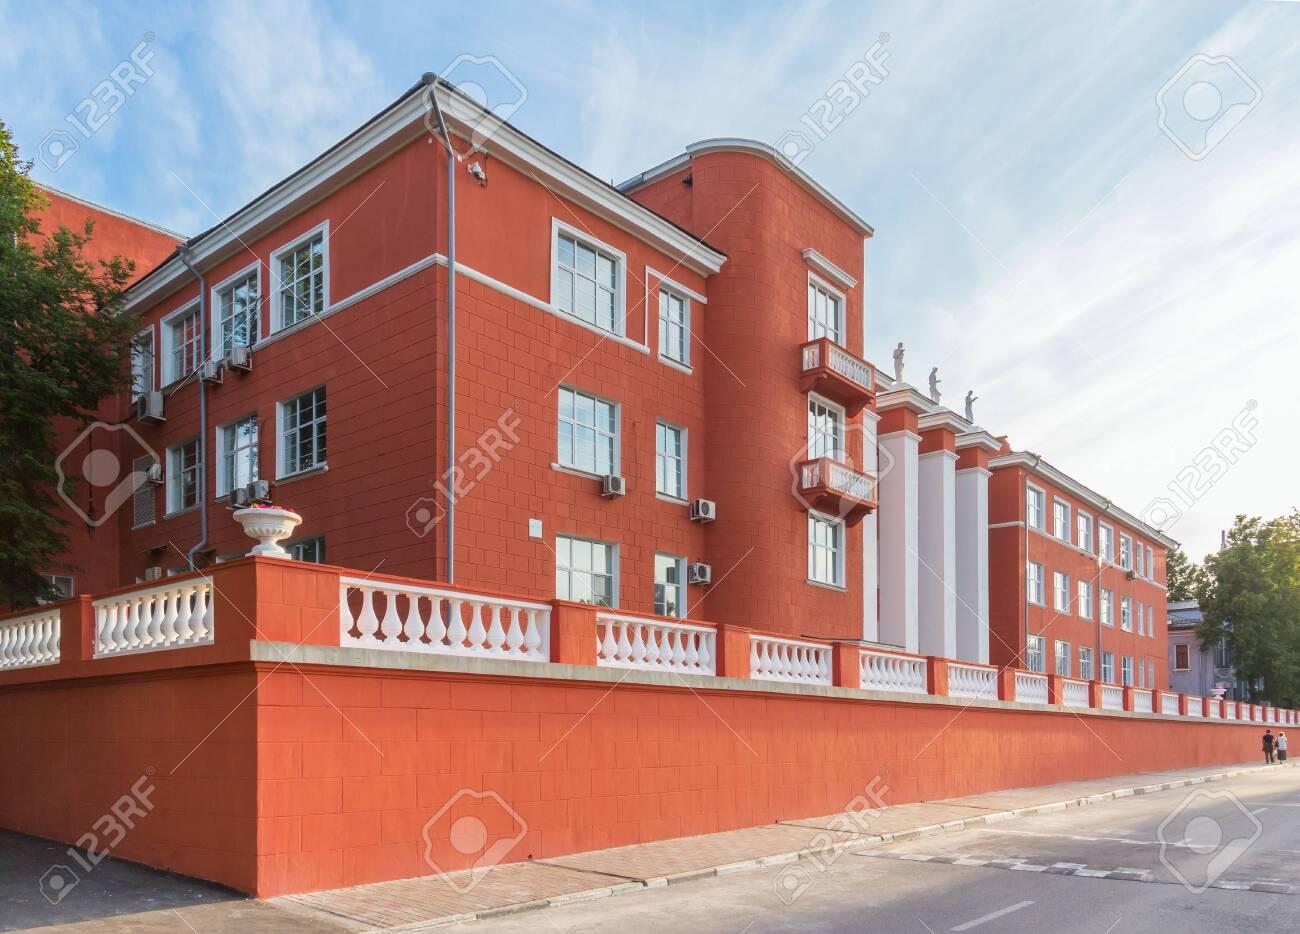 The building of the Polytechnic University in Nizhny Novgorod at summer - 143595522